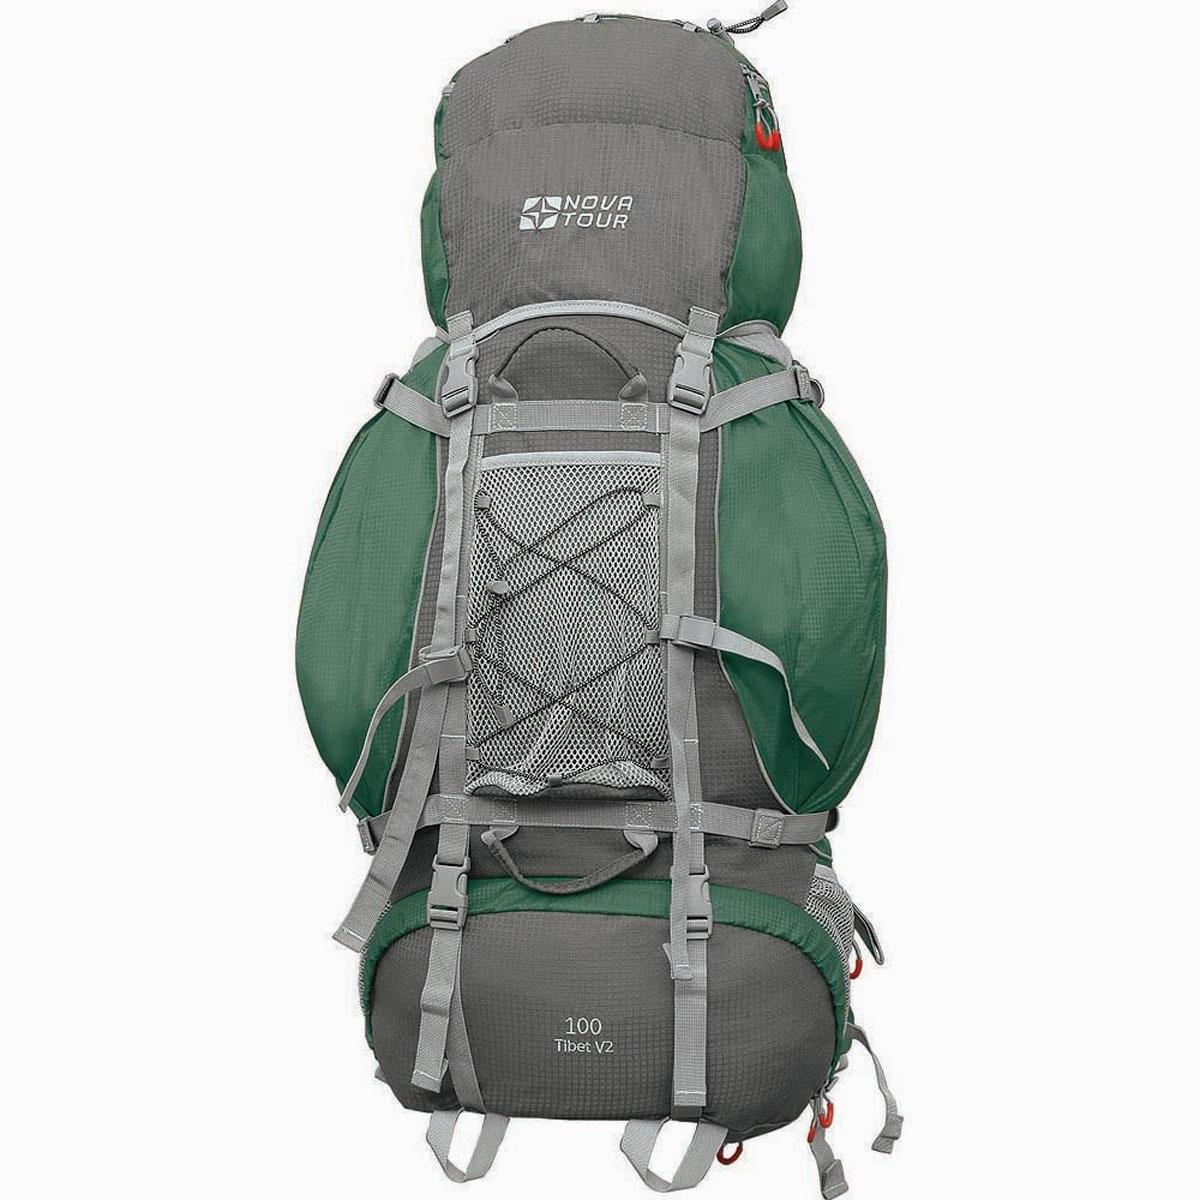 Рюкзак туристический Nova Tour Тибет 100 V2, цвет: серый, зеленый. 11193-350-0011193-350-00Прочный рюкзак большого объема для классического туризма. Вы можете не ограничивать себя в количестве вещей, ведь этот рюкзак с двумя вместительными карманами на молнии, сетчатыми карманами для фляги и мелочей по обеим бокам рюкзака, а также объемным клапаном. Ваша спина не устанет во время длительных переходов с удобной подвесной системой, разработанной специально для переноски тяжелых грузов. Удобство при погрузке рюкзака в транспорт обеспечивают три усиленных ручки. Если в пути застанет дождь или снег не беда! В специальном кармане на дне рюкзака упакован непромокаемый гермочехол. На концах боковых стяжек имеются липучки для закрепления излишков стропы. Особенности: Прочная ткань с непромокаемой пропиткой. Сетчатый материал, отводящий влагу от вашего тела. Применяется на лямках, спинках и поясе рюкзака. Светоотражающий кант - для обеспечения безопасности в темное время суток. Съемный чехол для защиты от влаги и грязи, размещенный в...